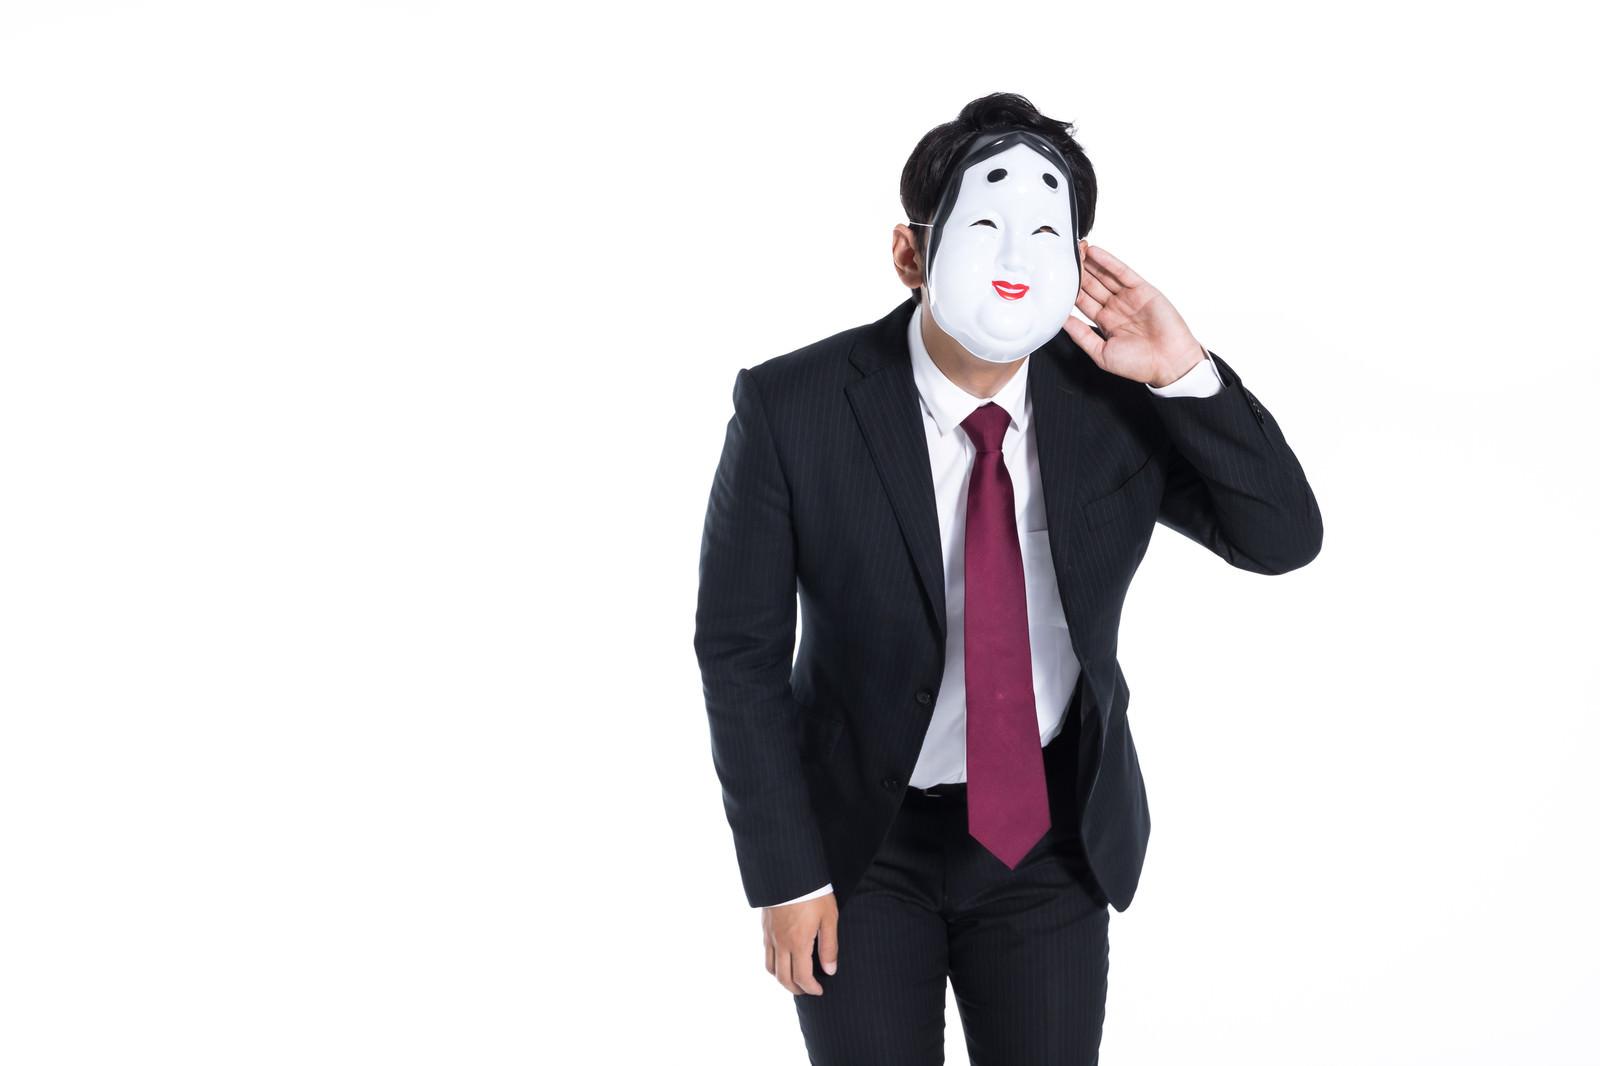 「内心は小馬鹿にしながら謝ったふりをする会社員」の写真[モデル:大川竜弥]